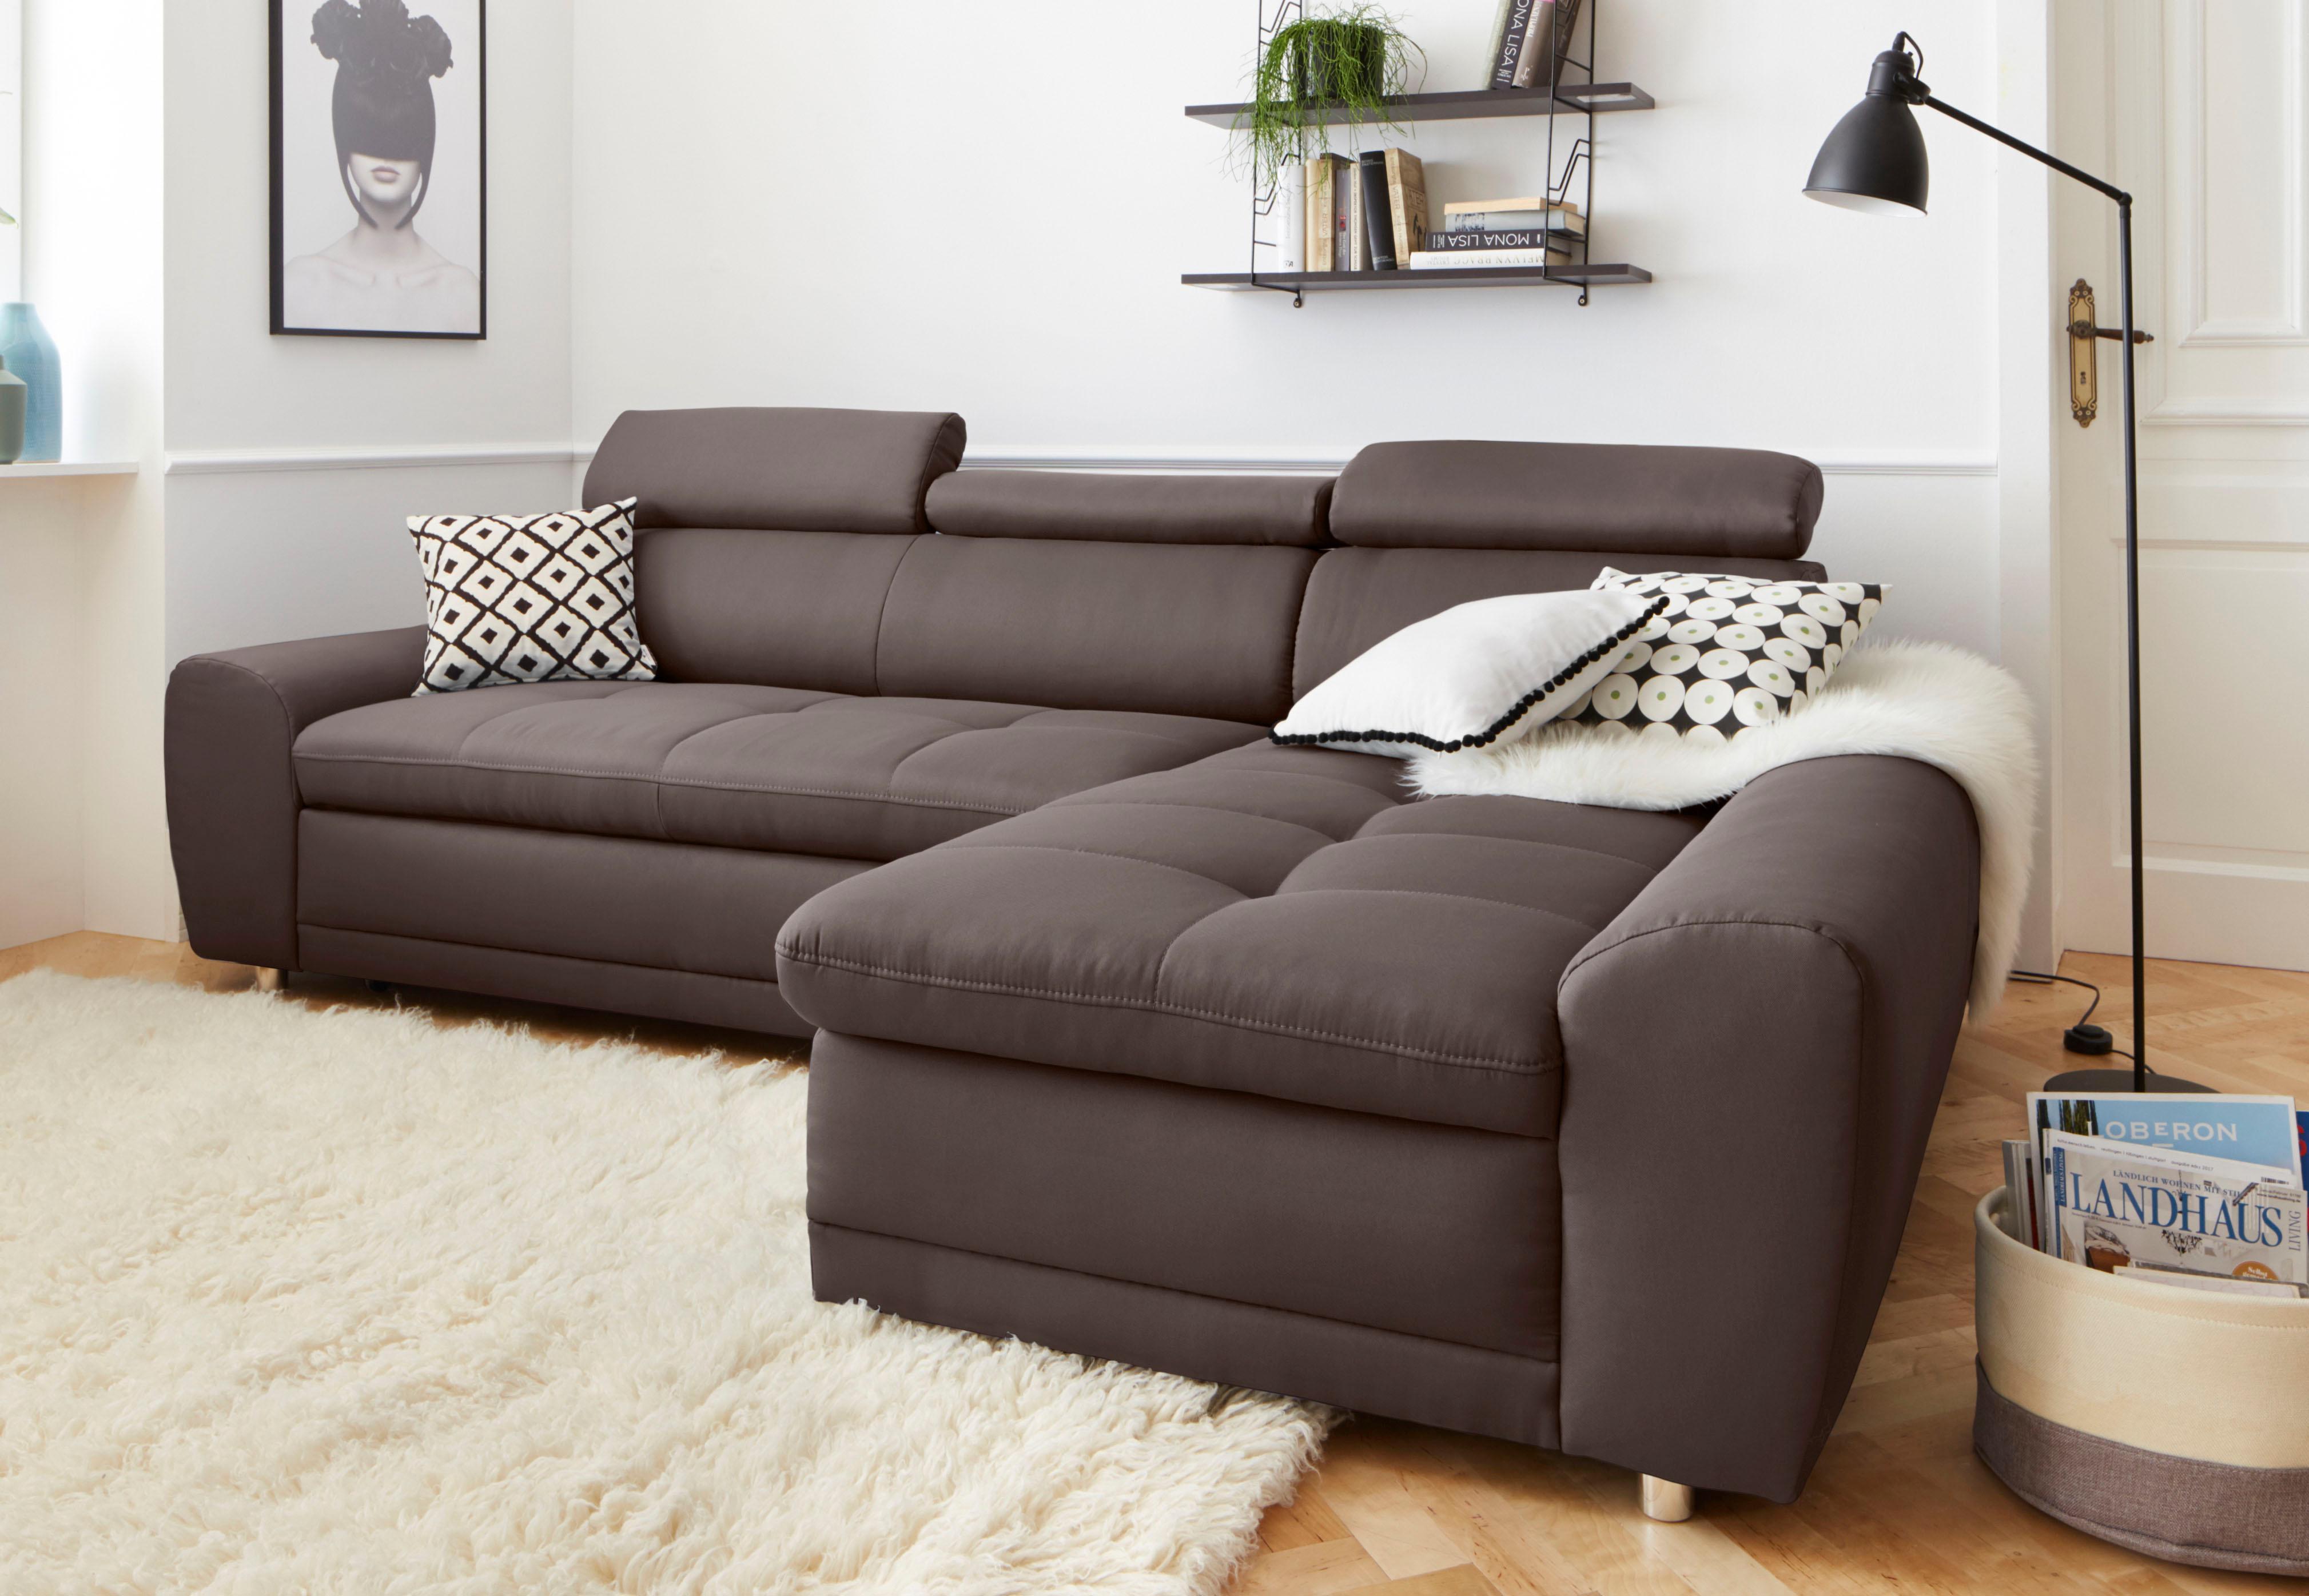 Sit&More Polsterecke inklusive Kopteilverstellung, wahlweise mit Bettfunktion | Wohnzimmer > Sofas & Couches > Ecksofas & Eckcouches | Microfaser - Flachgewebe | SIT&MORE